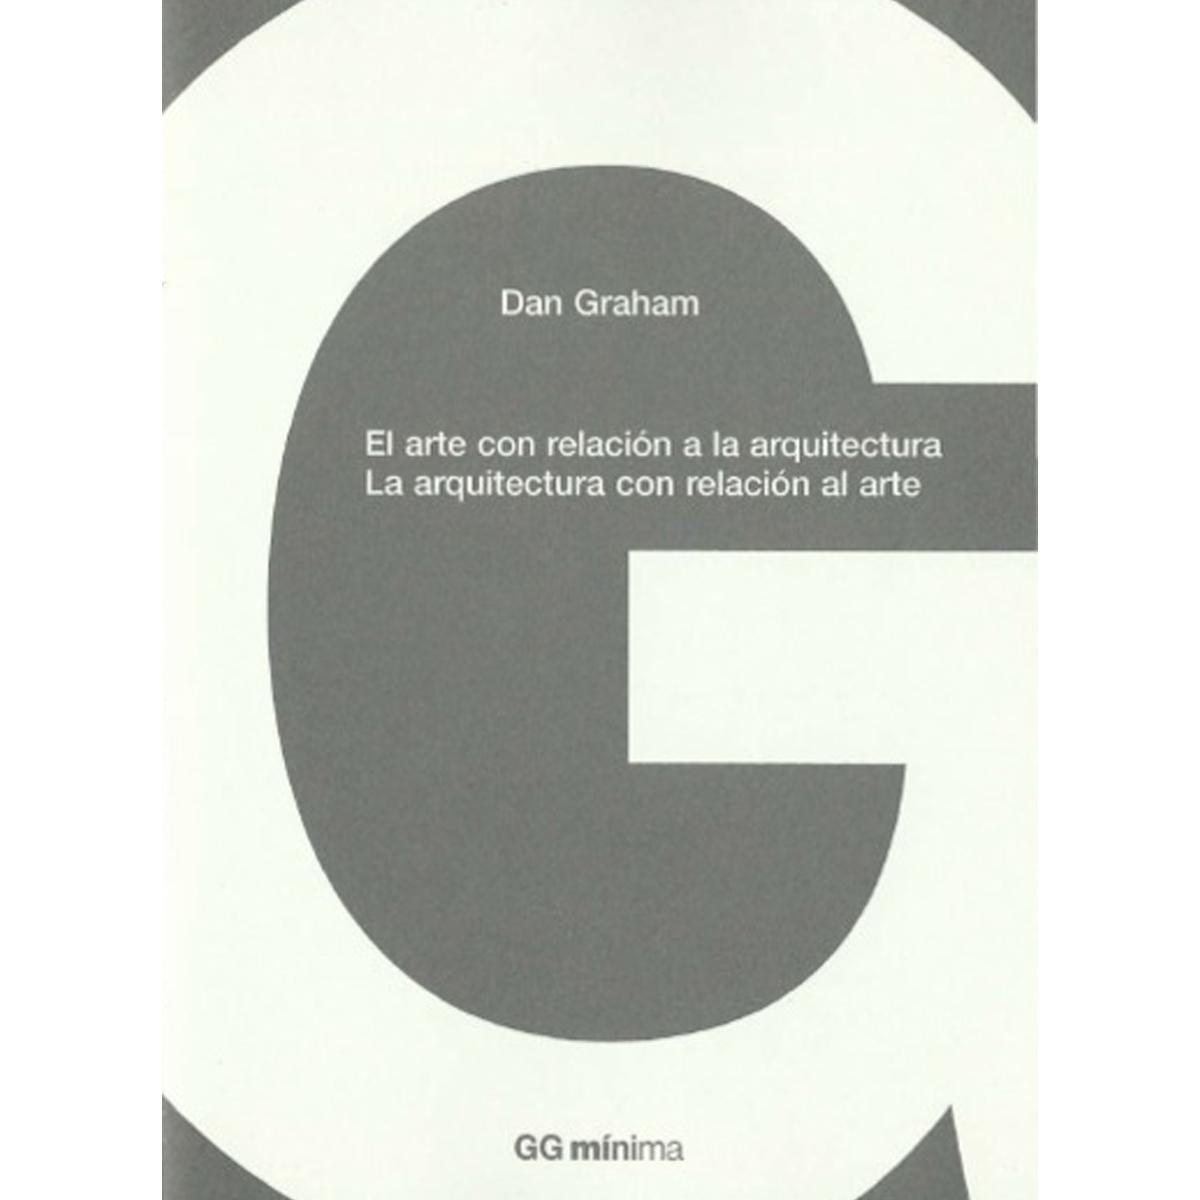 Colección GGmínima: El arte con relación a la arquitectura. La arquitectura con relación al arte